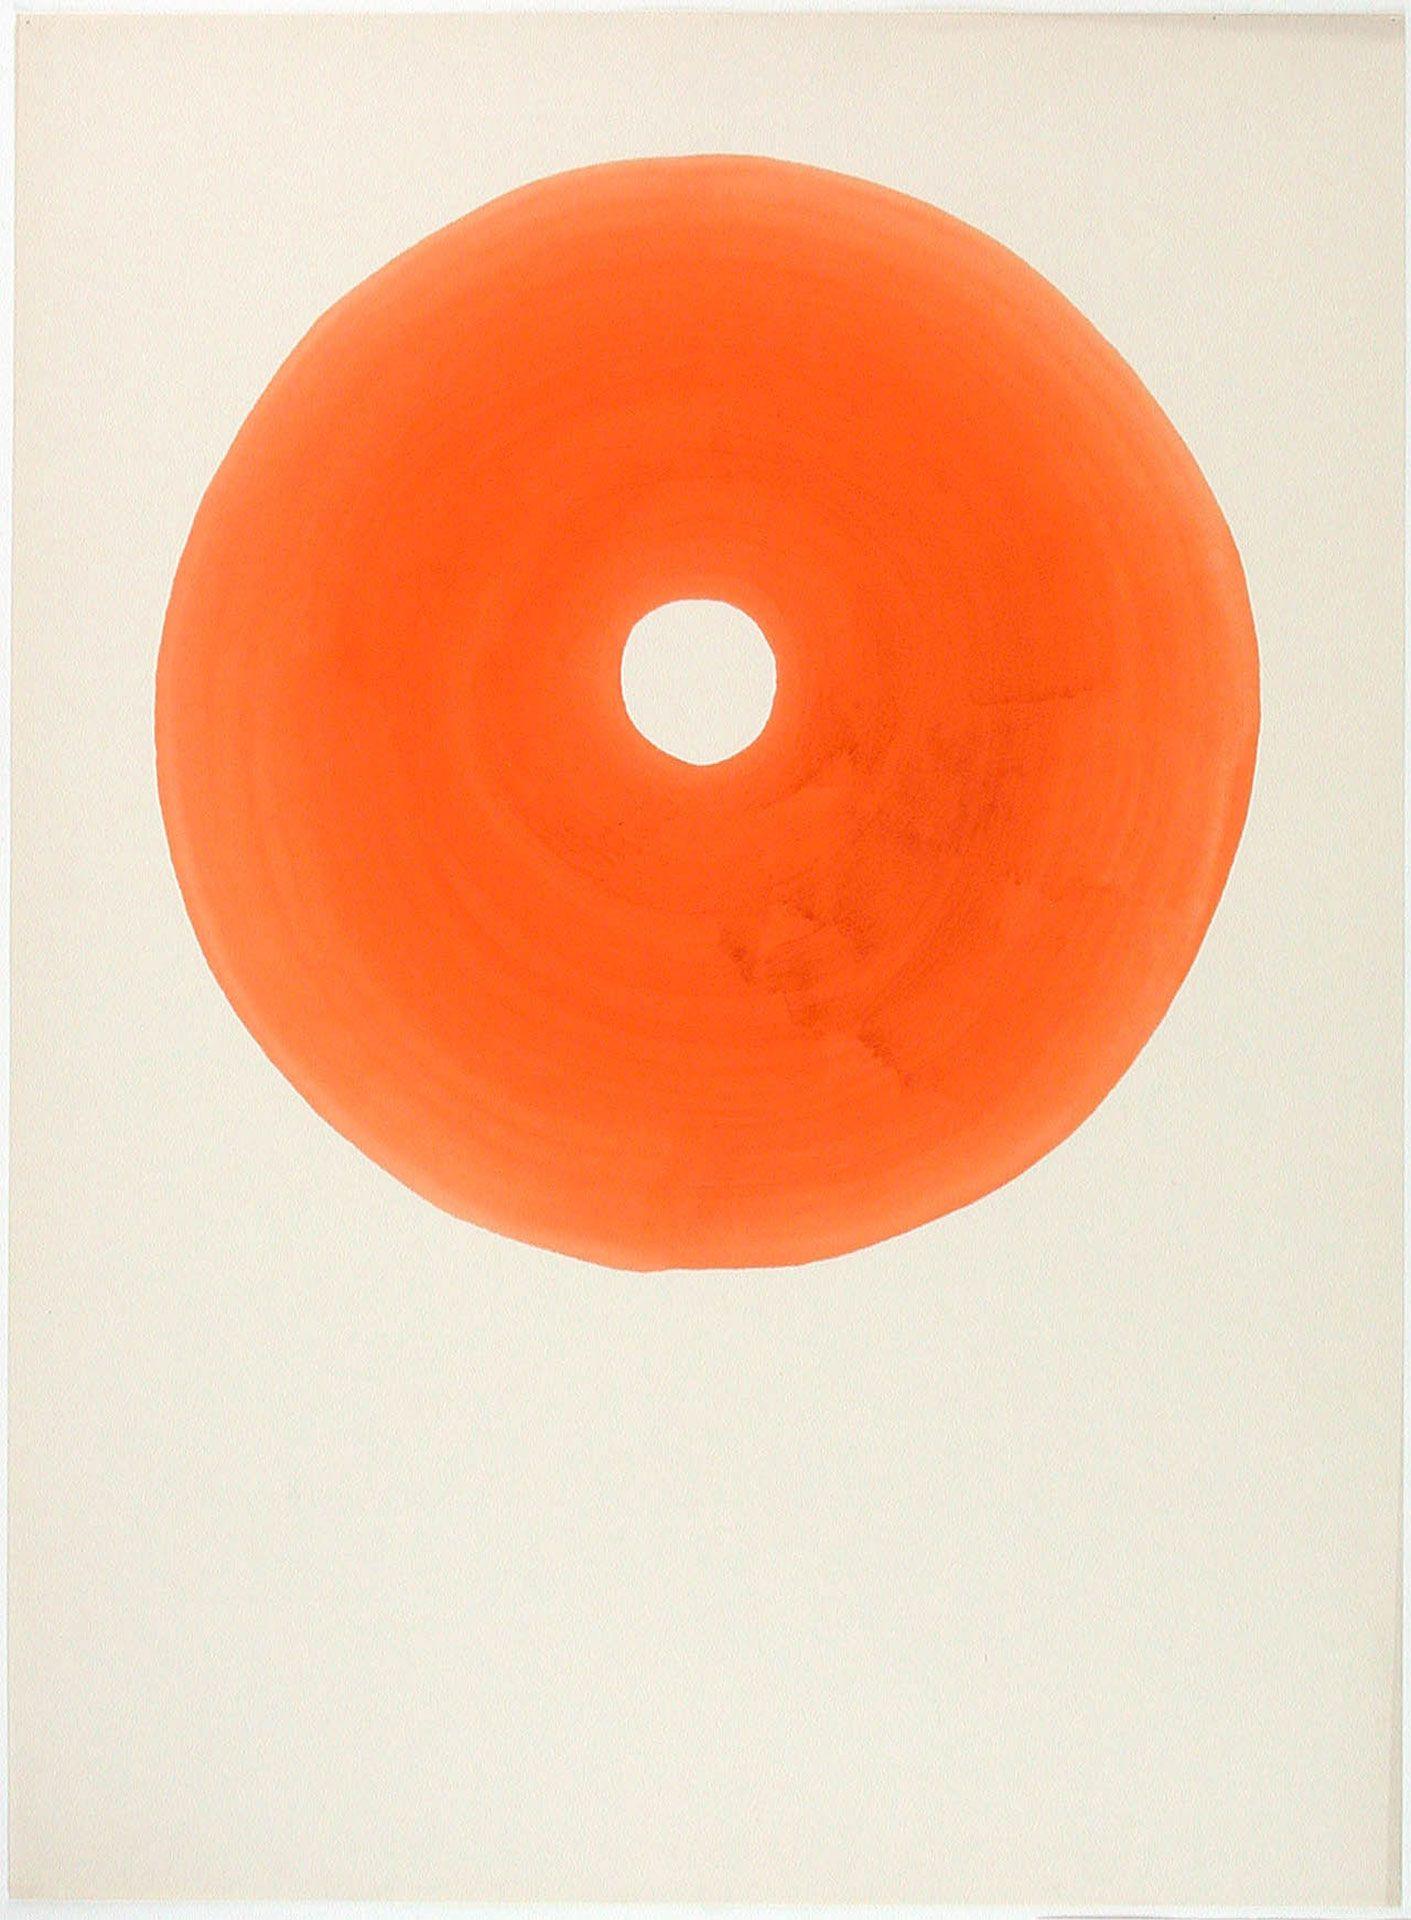 Louis Archambault, Sans titre [Cercle orange], 1971. MBAM, don de l'artiste à la mémoire de Mariette, son épouse.